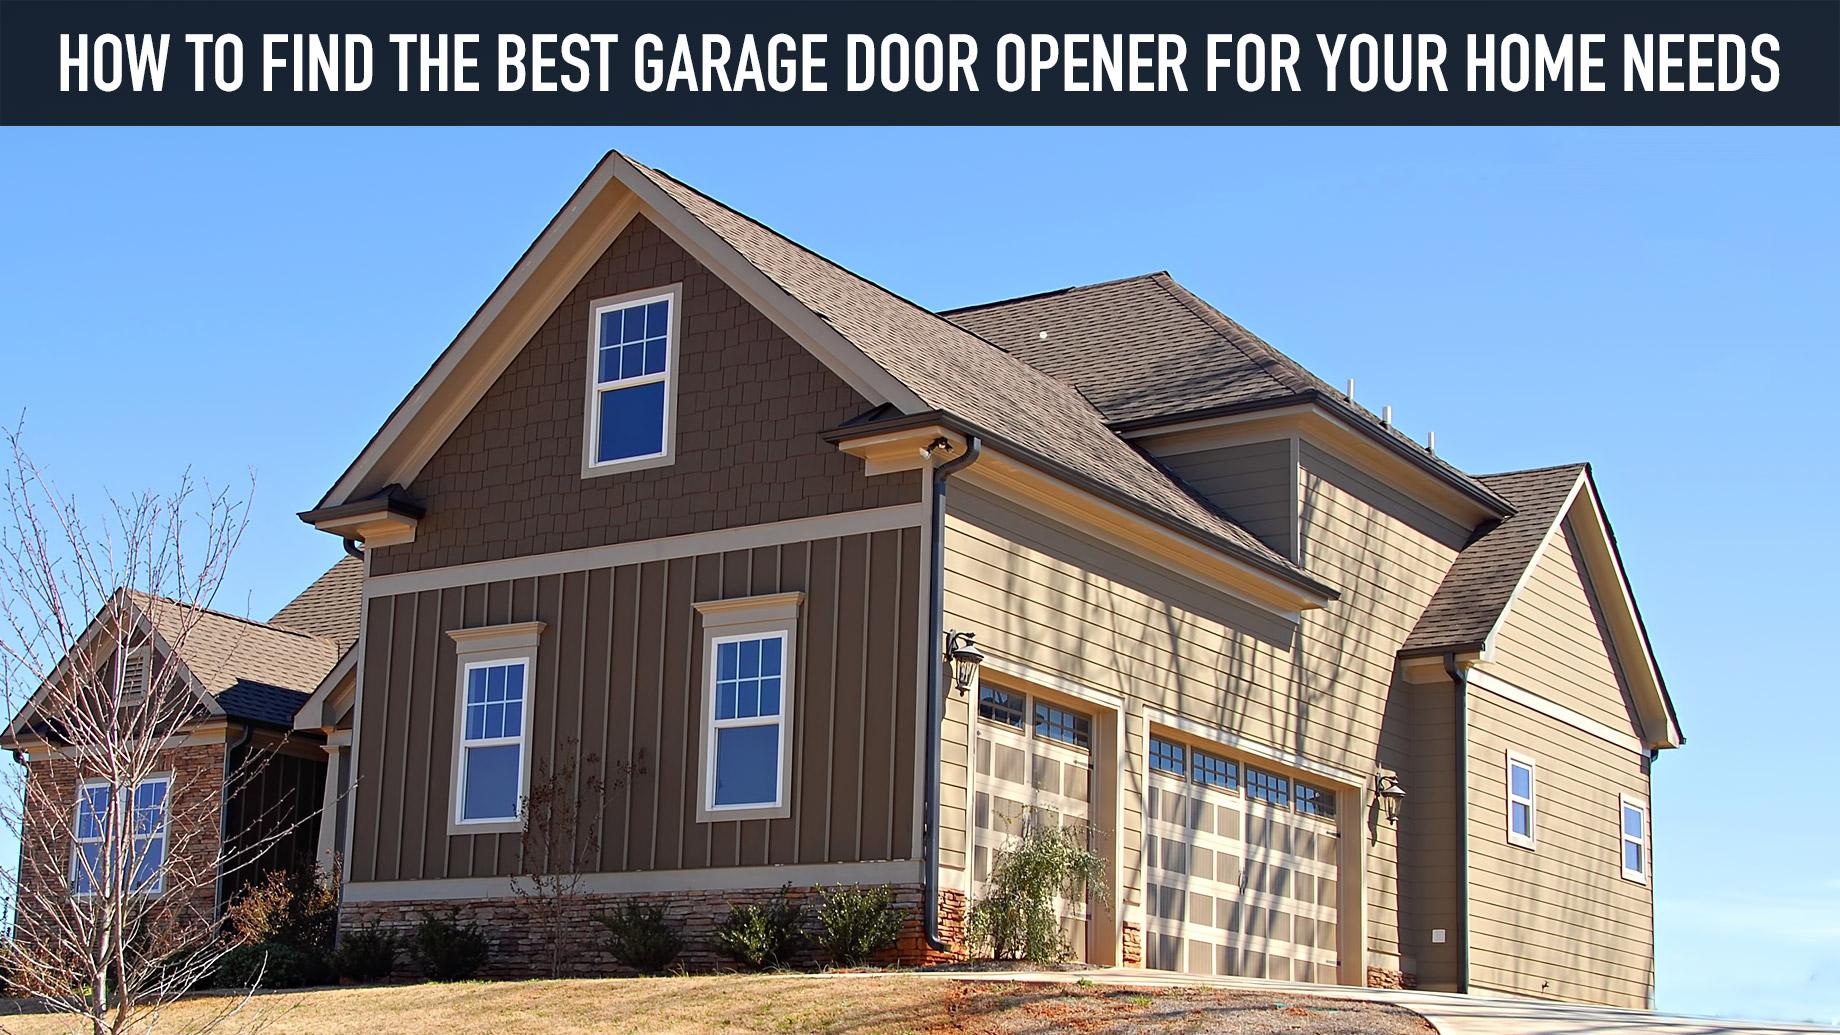 How To Find The Best Garage Door Opener For Your Home Needs